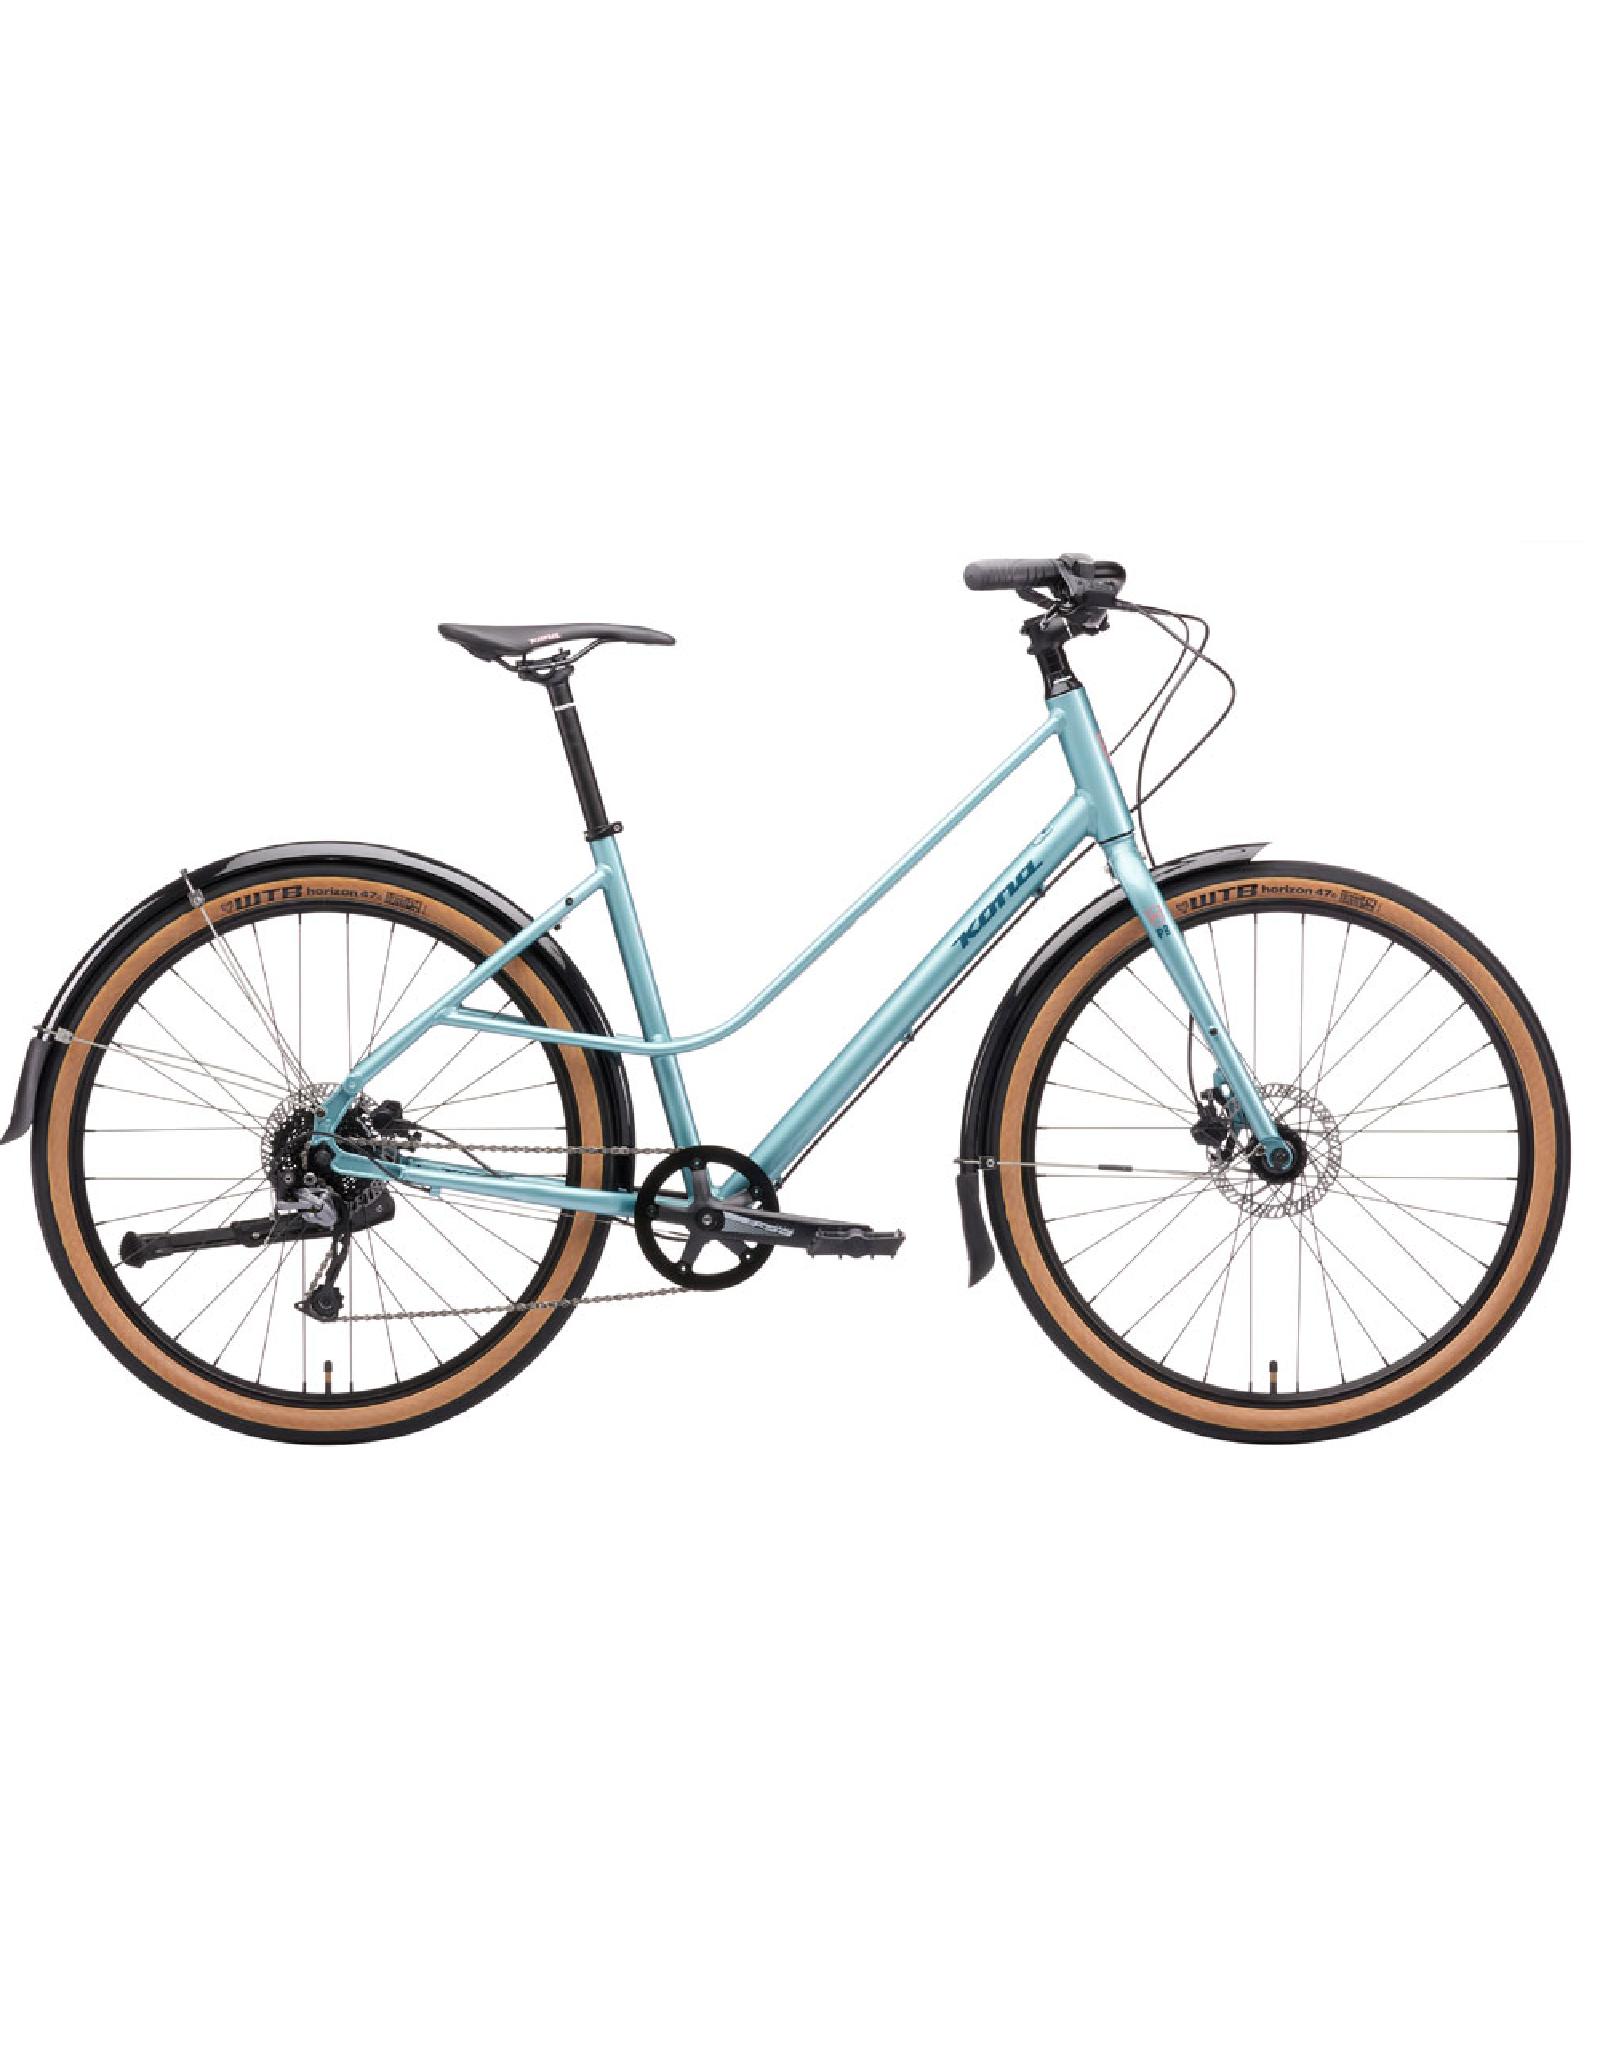 KONA Kona Coco Complete Bike: SM: Gloss Mint